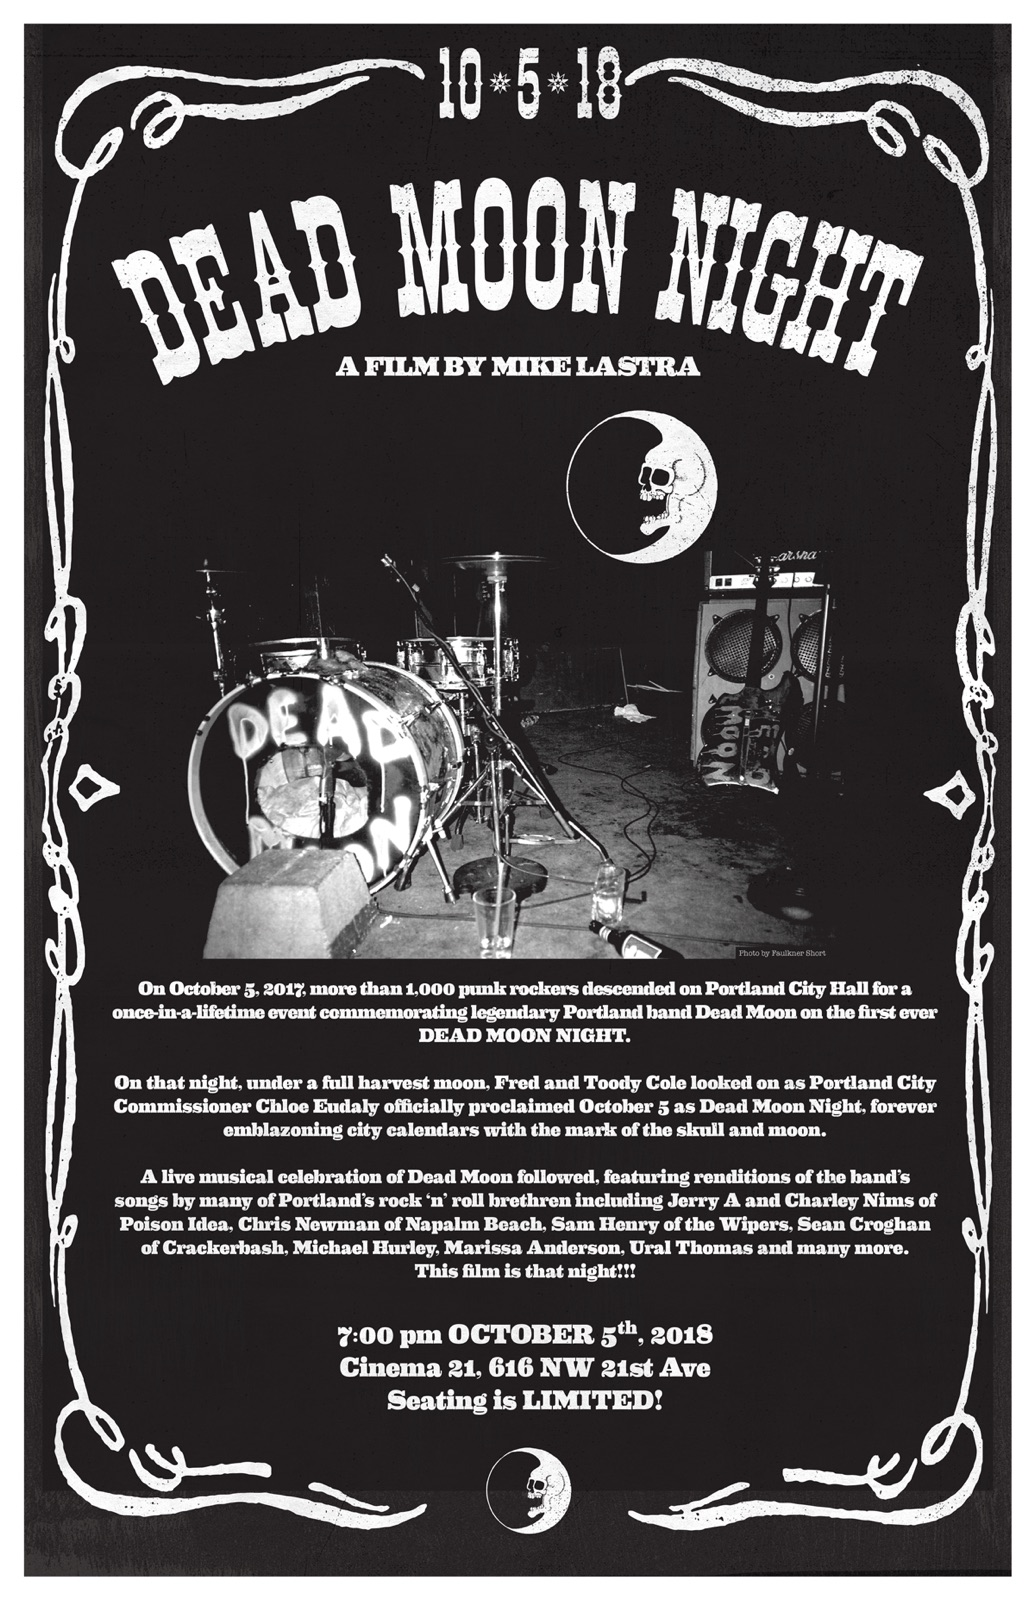 Dead Moon Night c21 Movie Poster.jpg